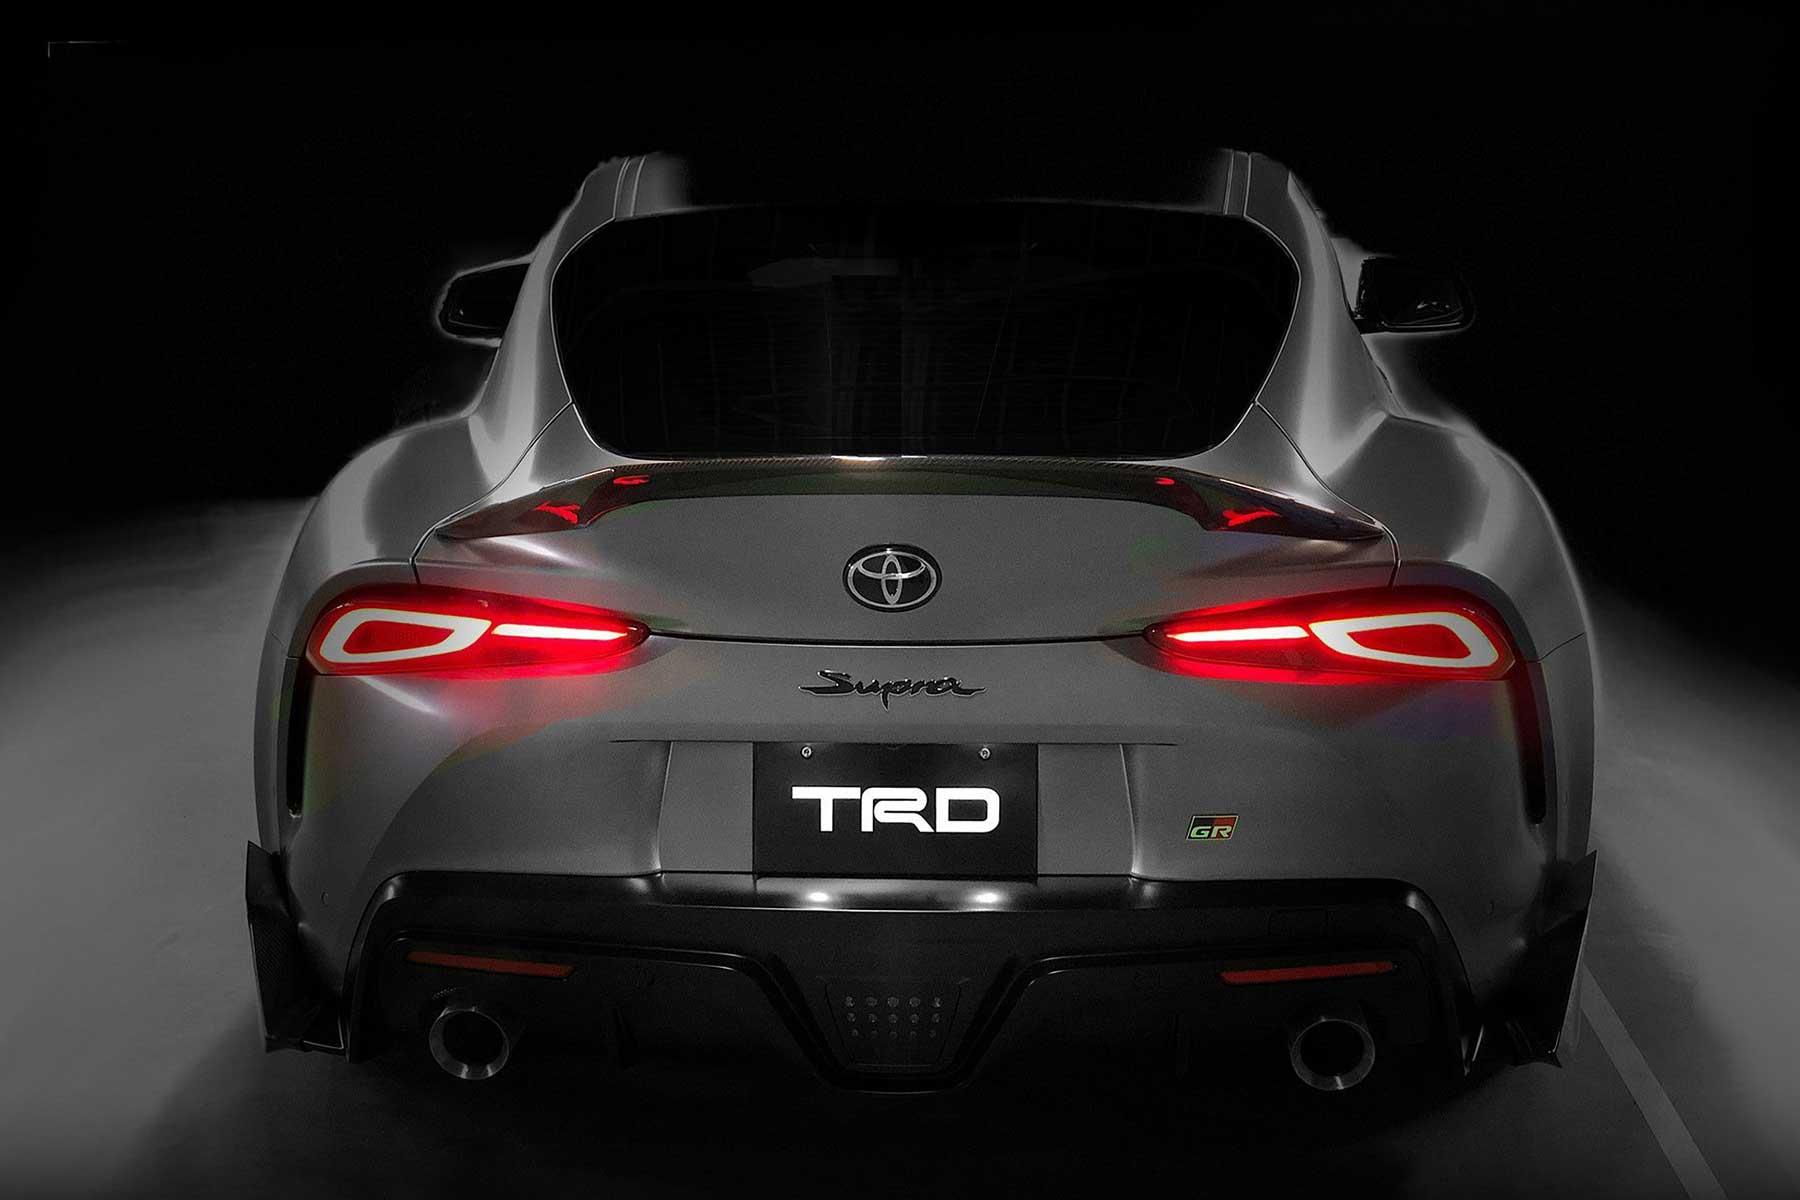 Toyota Supra TRD Concept